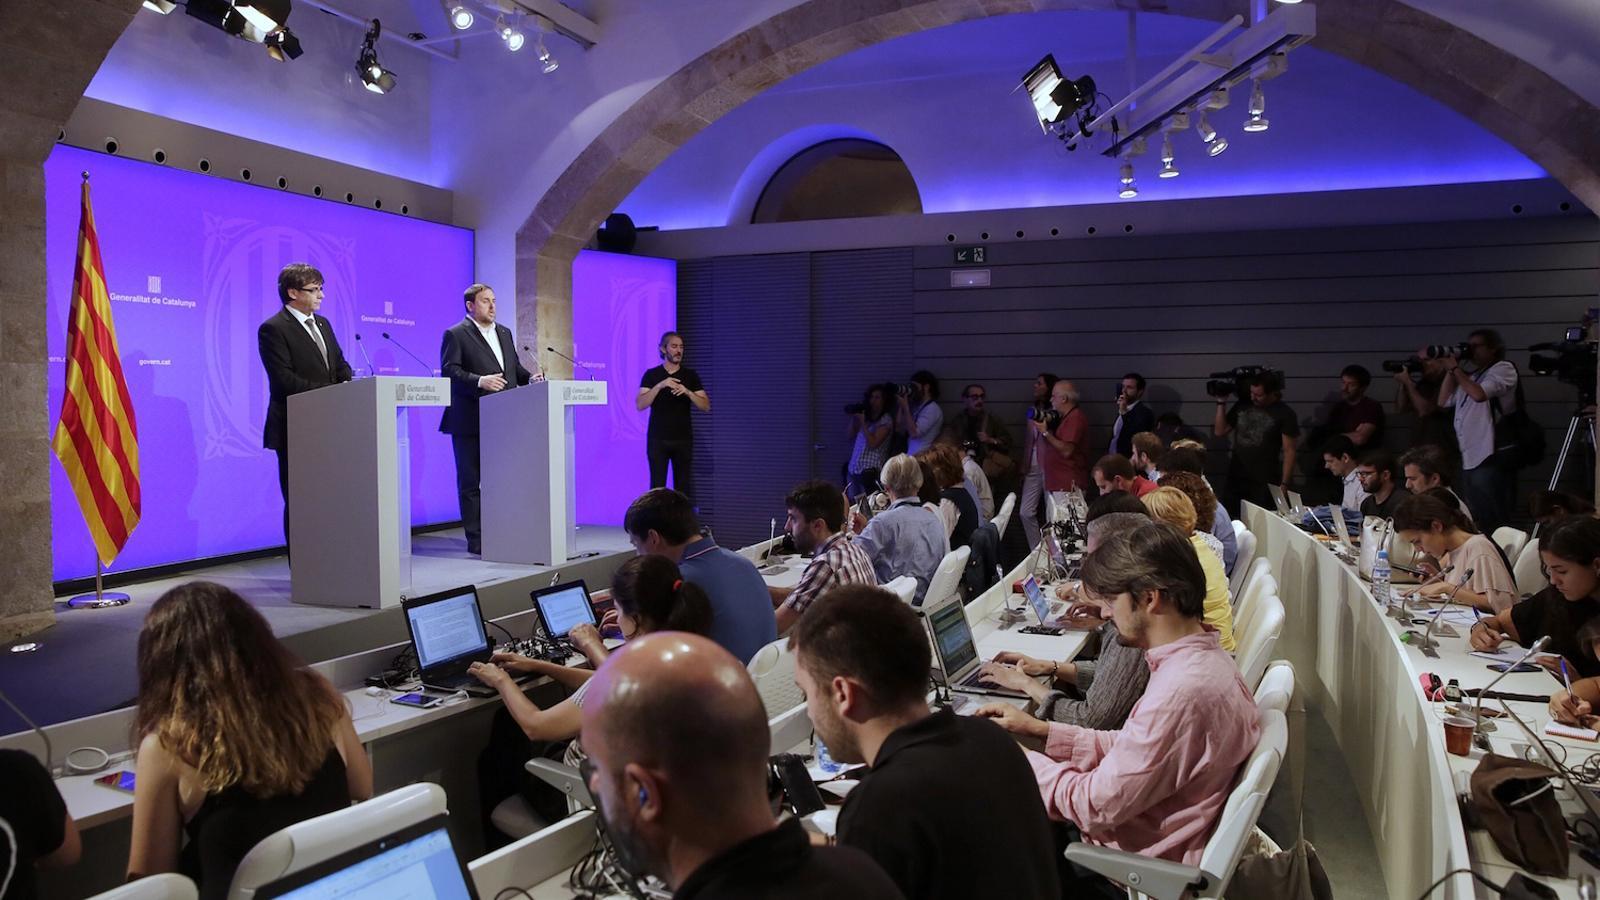 Puigdemont relleva quatre càrrecs per esvair els dubtes sobre l'1-O